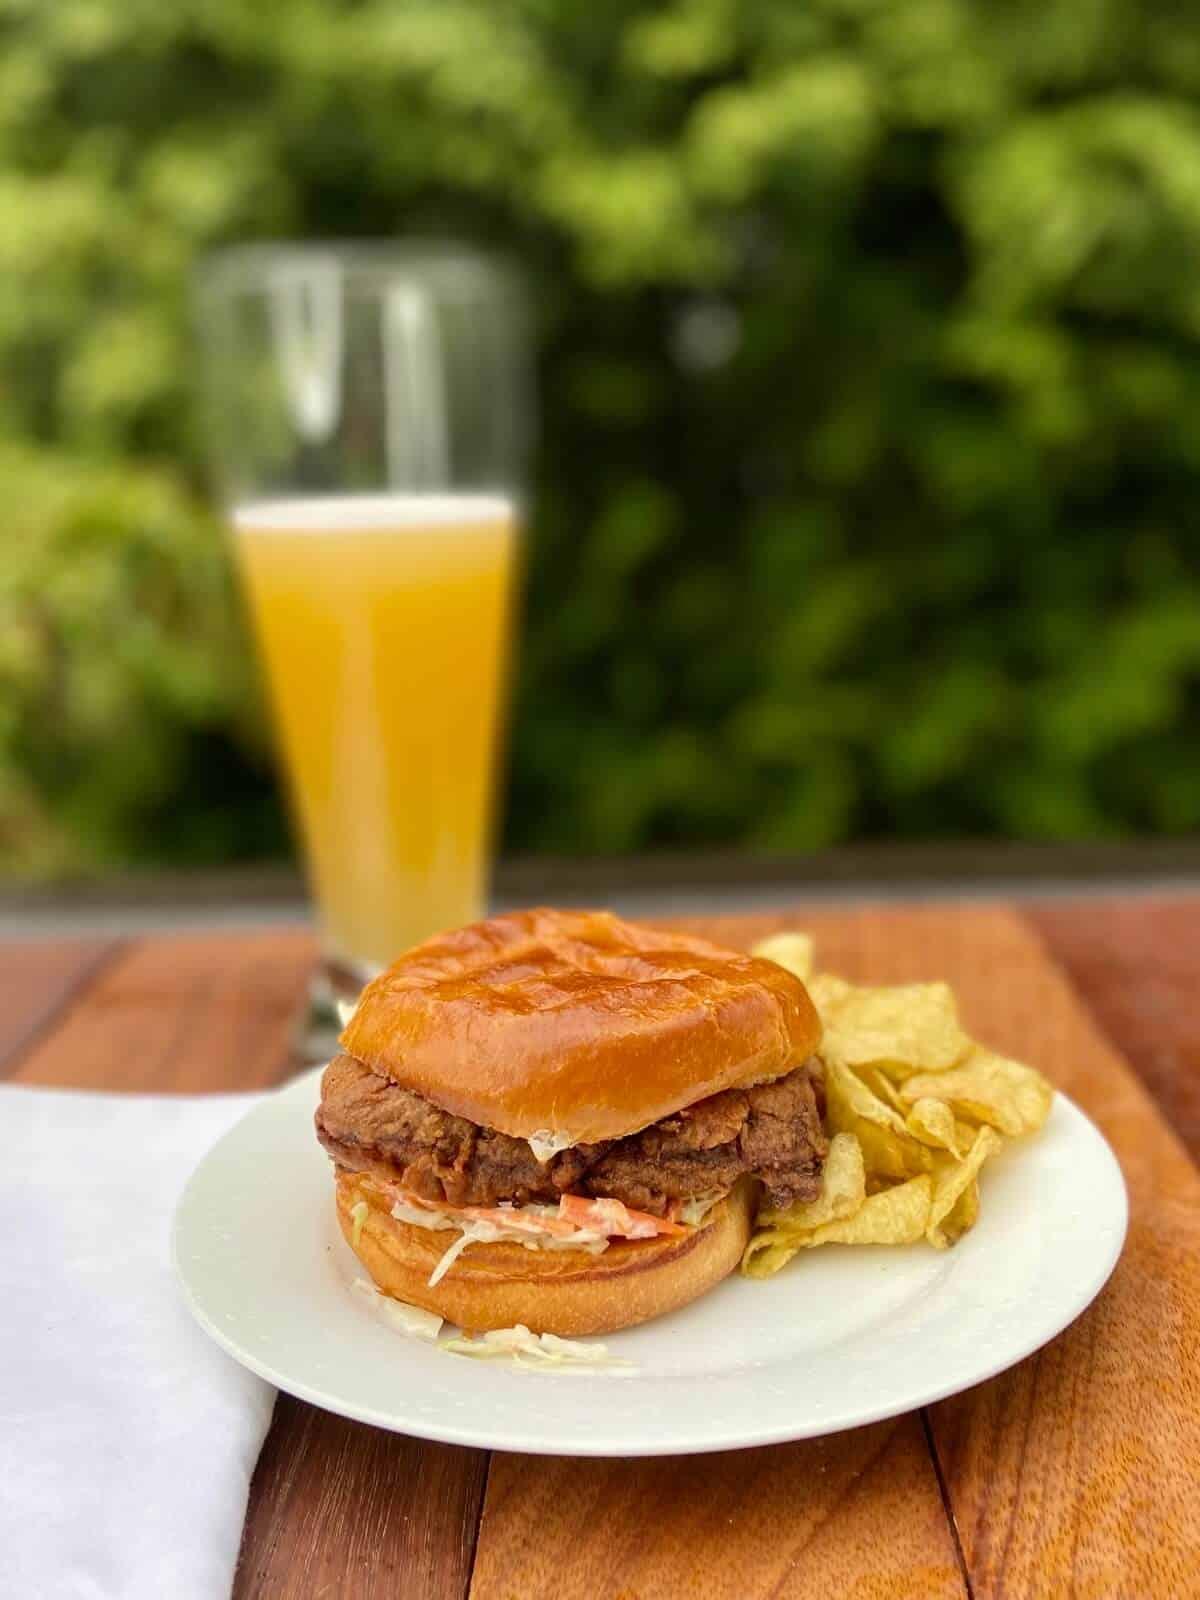 Crispy Chicken Burger (Photo by Erich Boenzli)